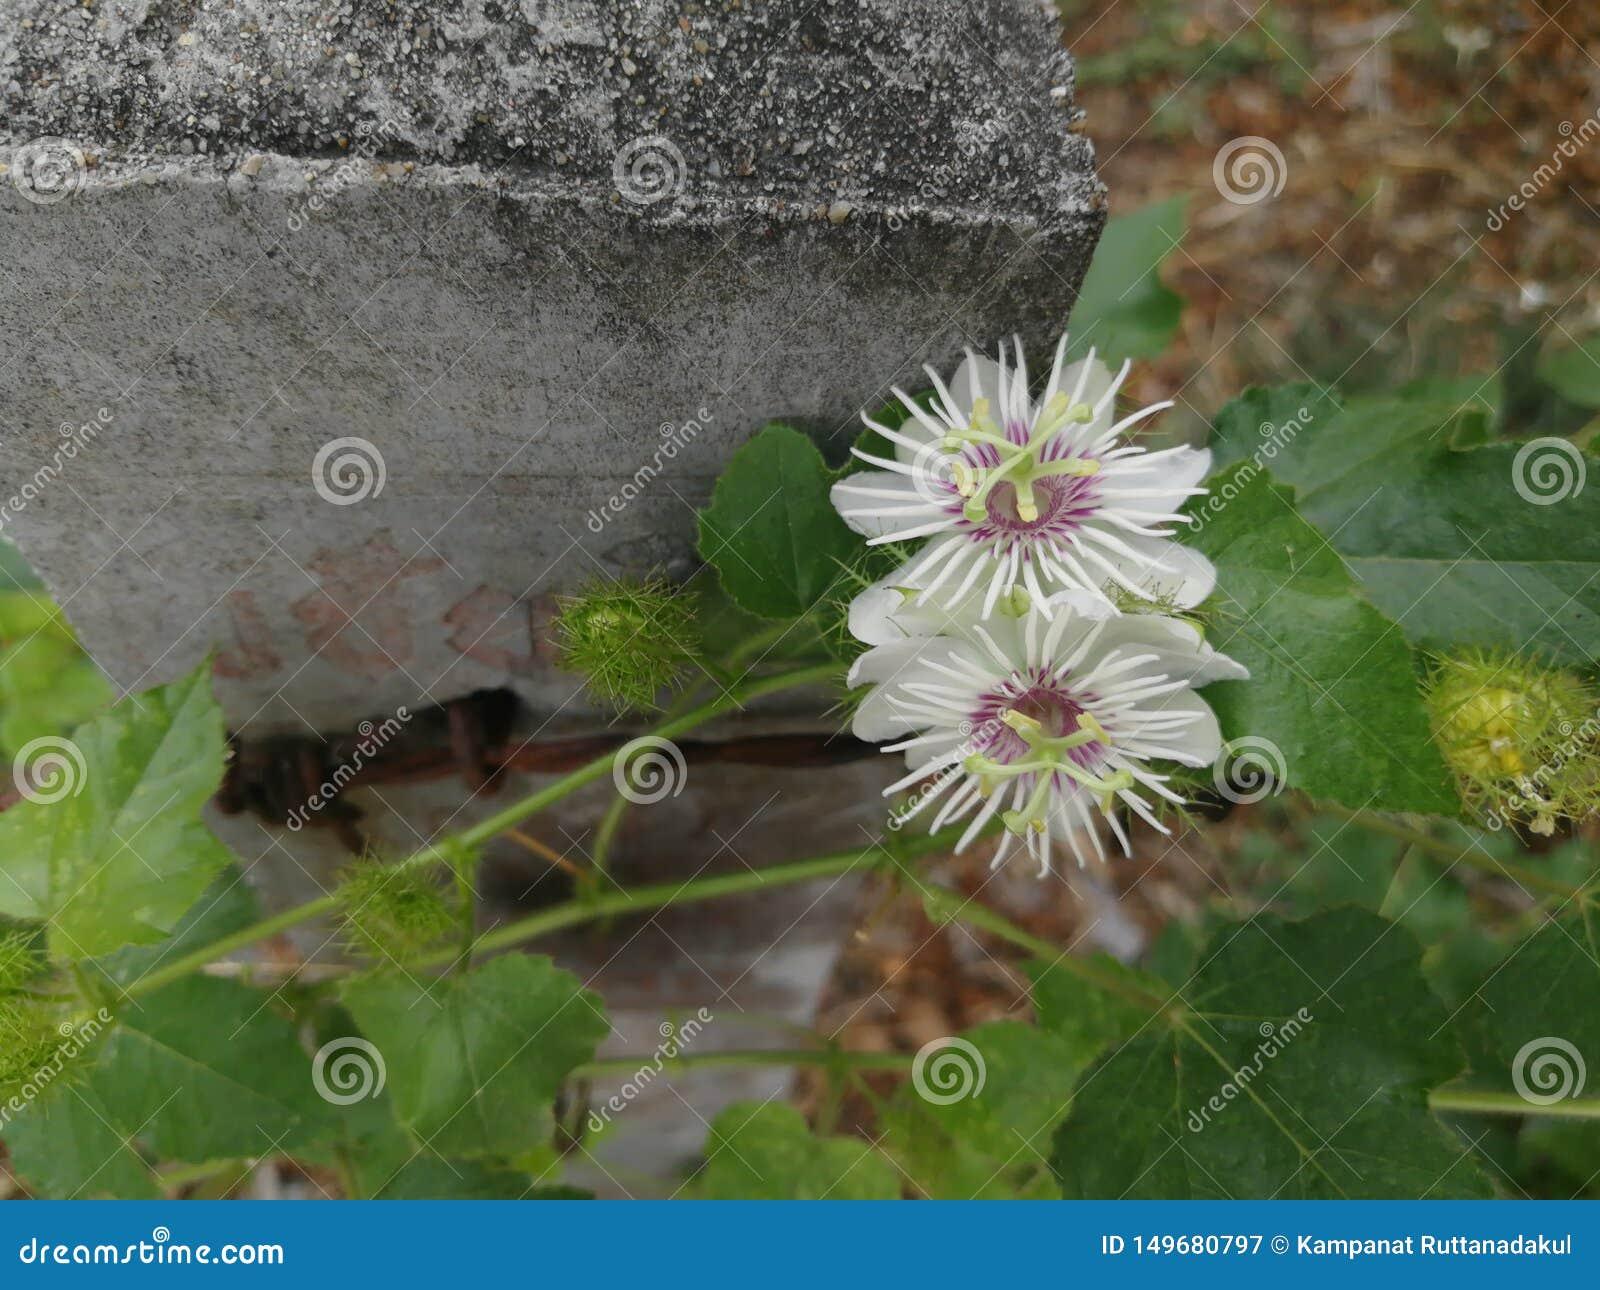 Round biali kwiaty na krawędzi drutu kolczastego ogrodzenia